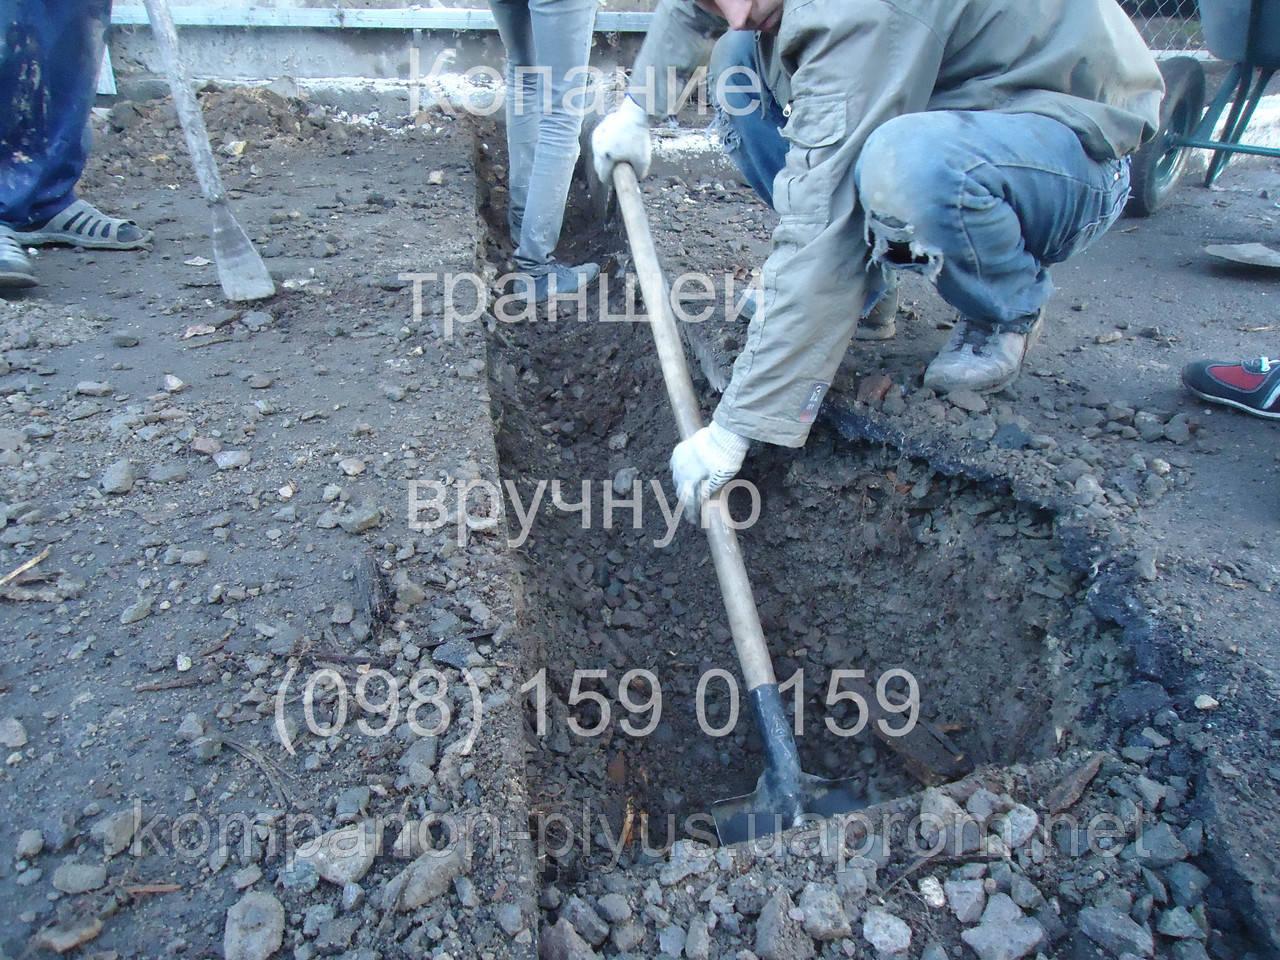 Копание траншей вручную (098) 159 0 159